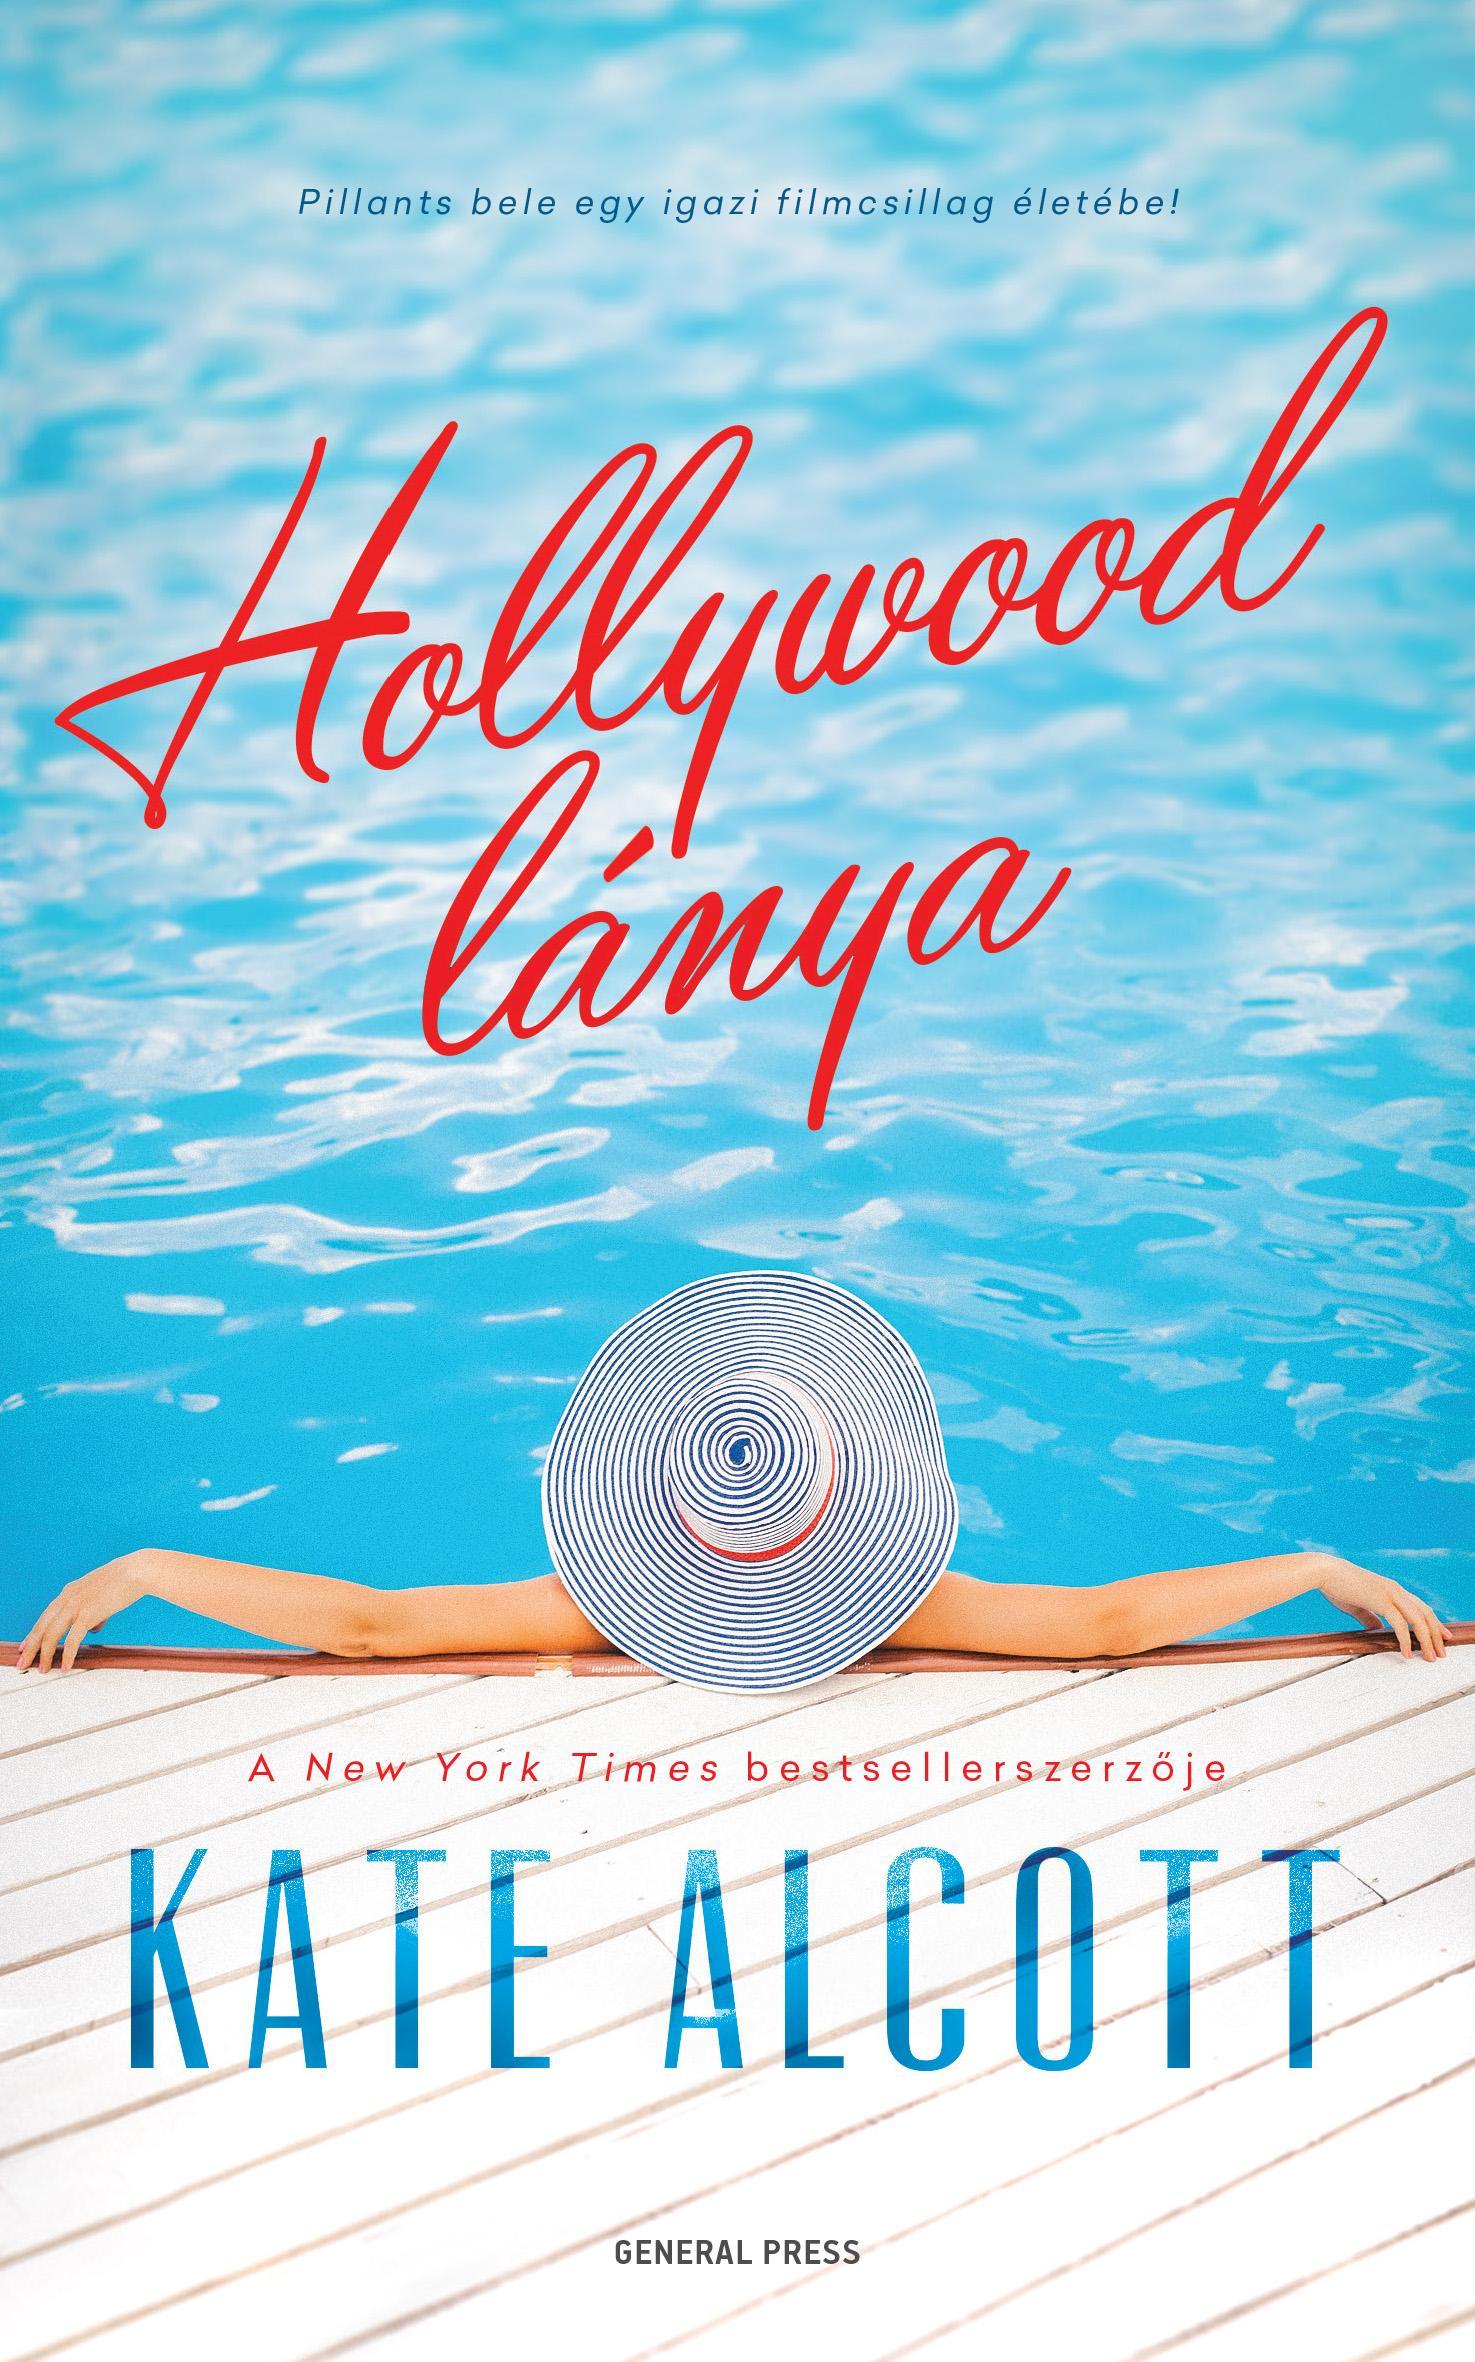 Kate Alcott - Hollywood lánya